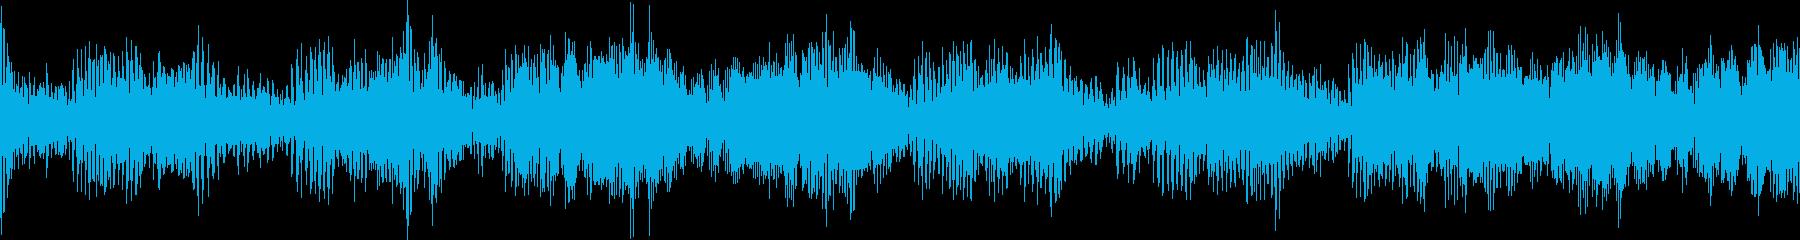 宇宙人の声の再生済みの波形